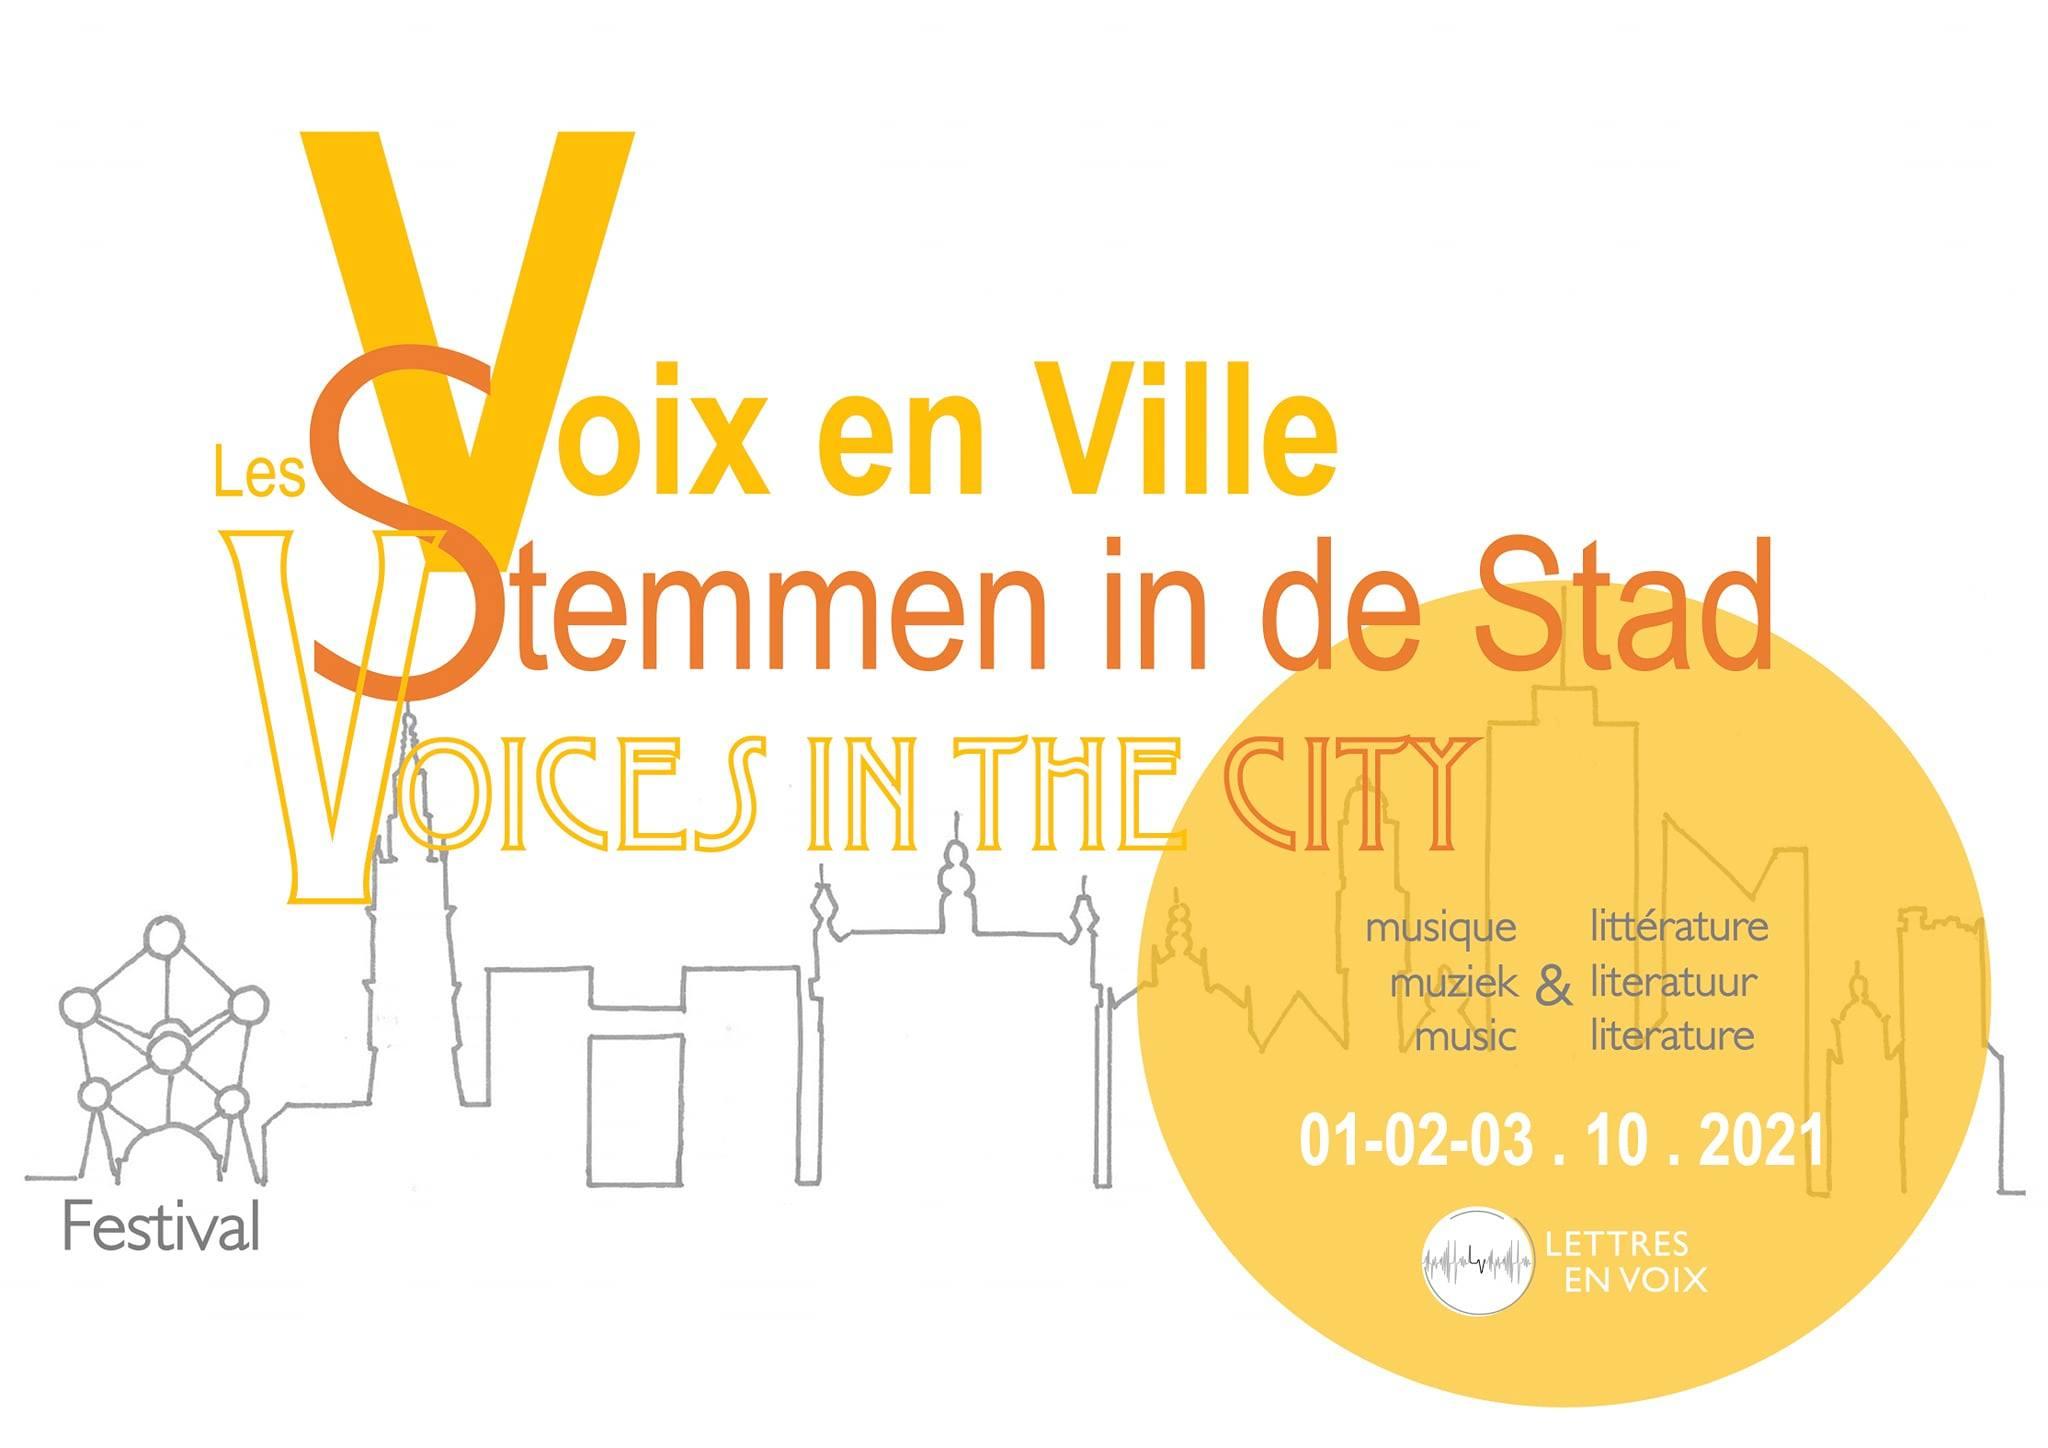 Festival Voix de villes 2021